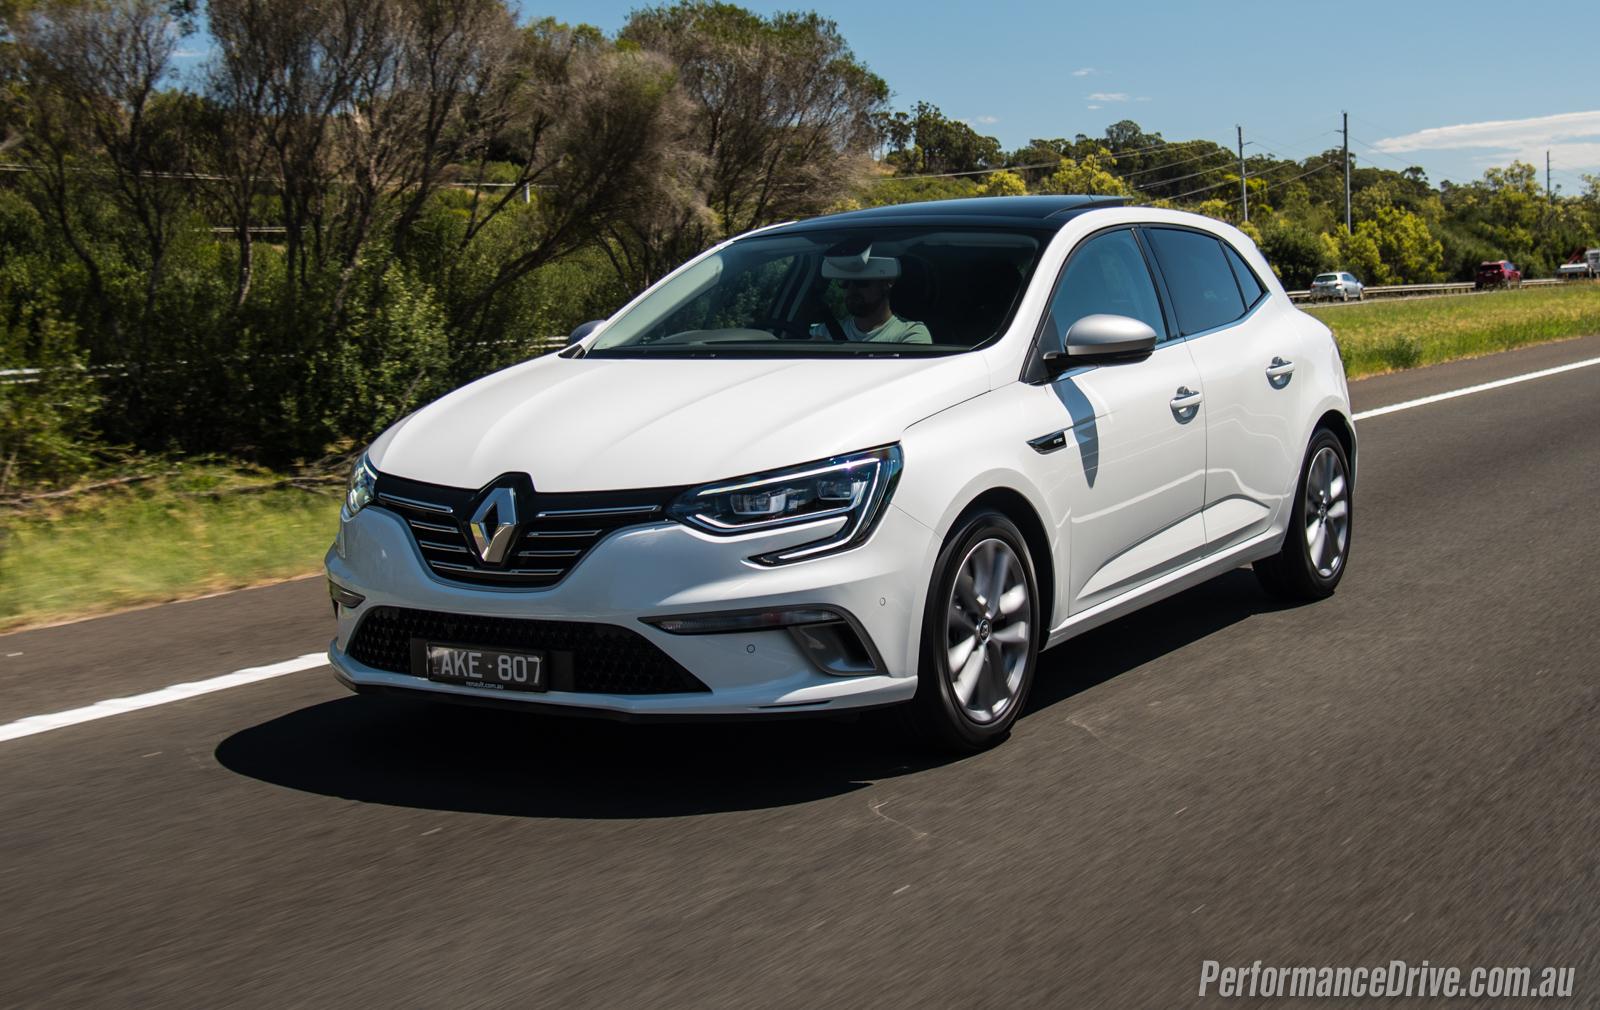 2017 Renault Megane Gt